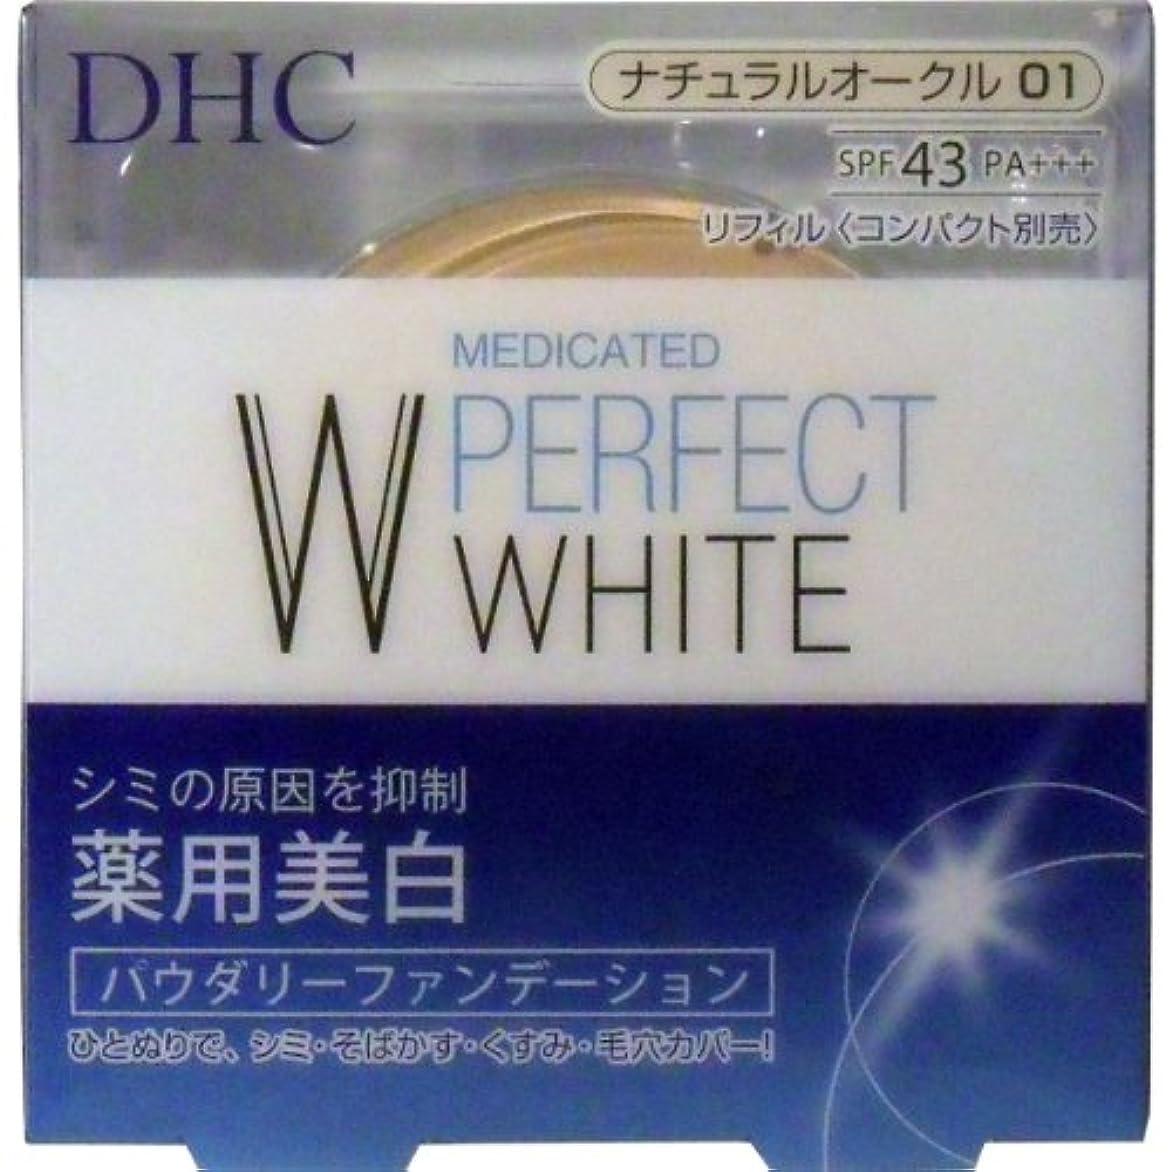 タフ波紋感性DHC 薬用美白パーフェクトホワイト パウダリーファンデーション ナチュラルオークル01 10g